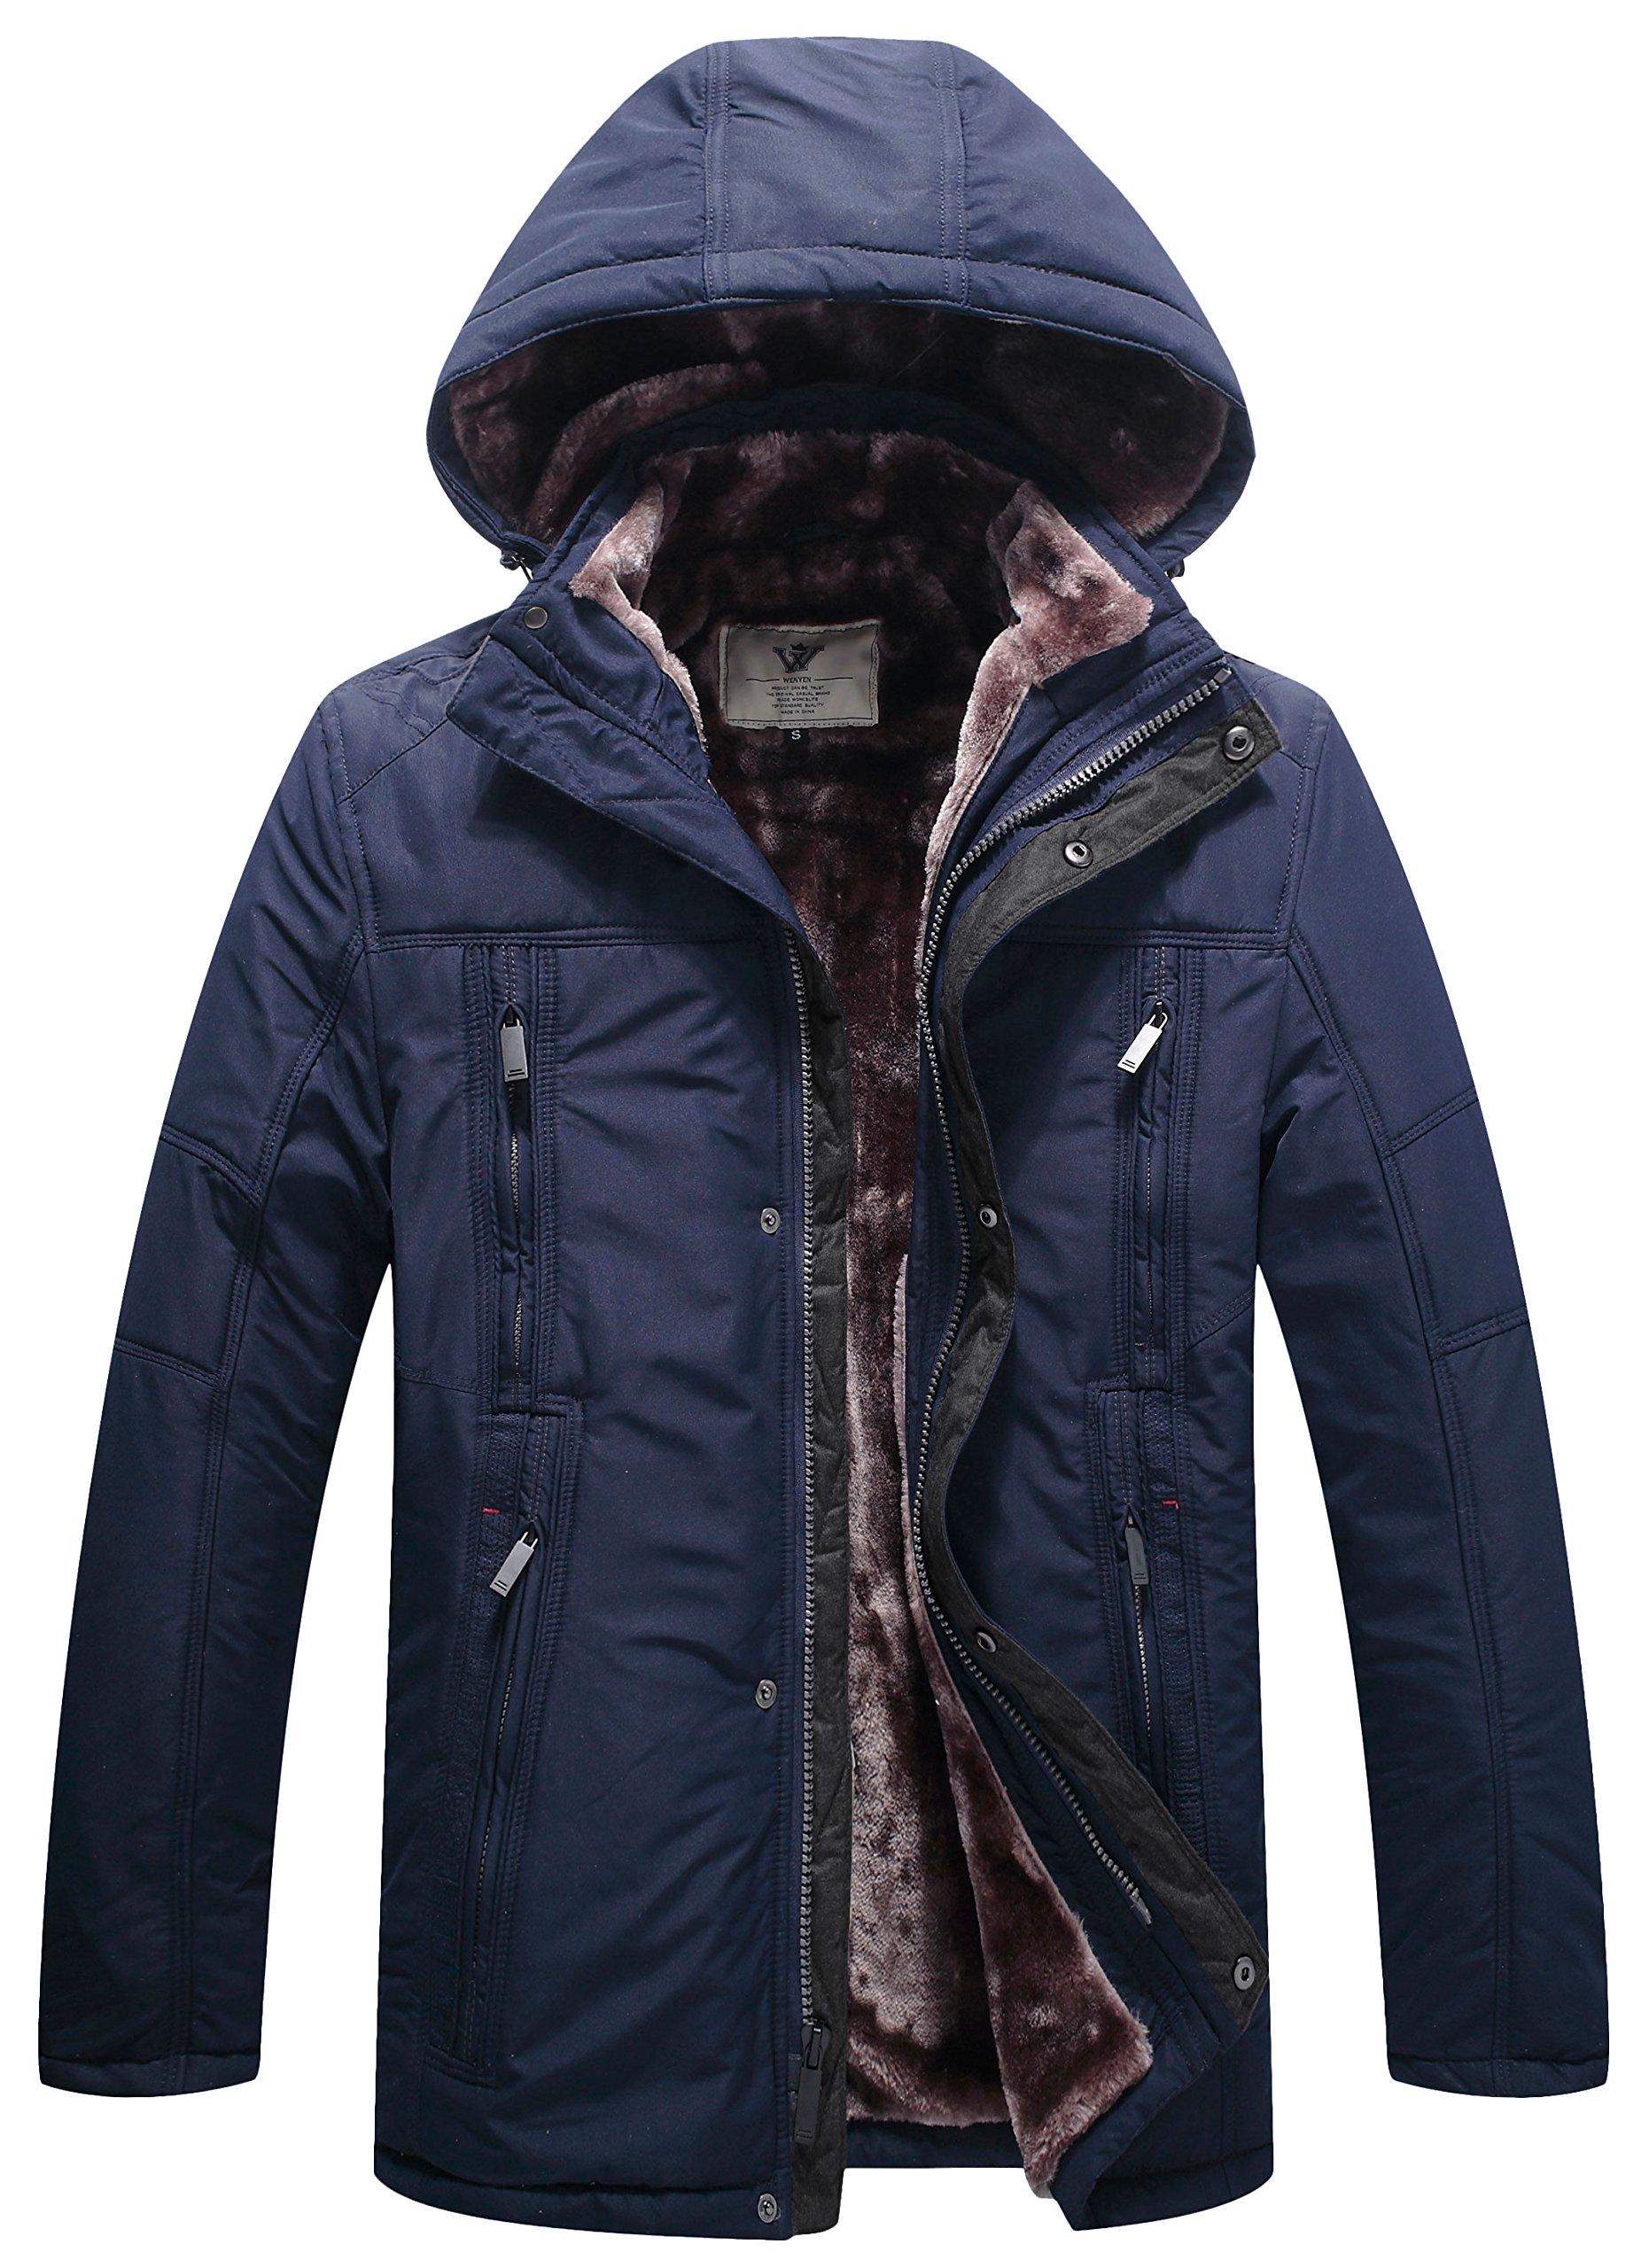 WenVen Men's Multi Pockets Sherpa Lined Parka Jacket(Navy,Medium)